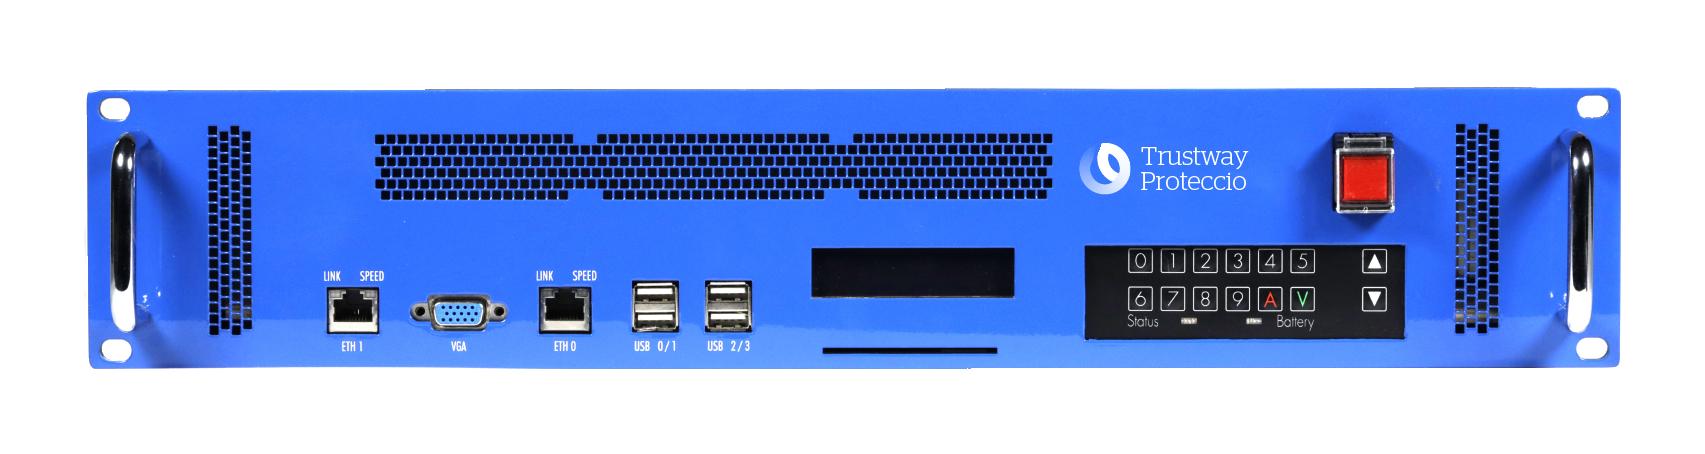 Atos cybersecurityTrustway Proteccio NetHSM